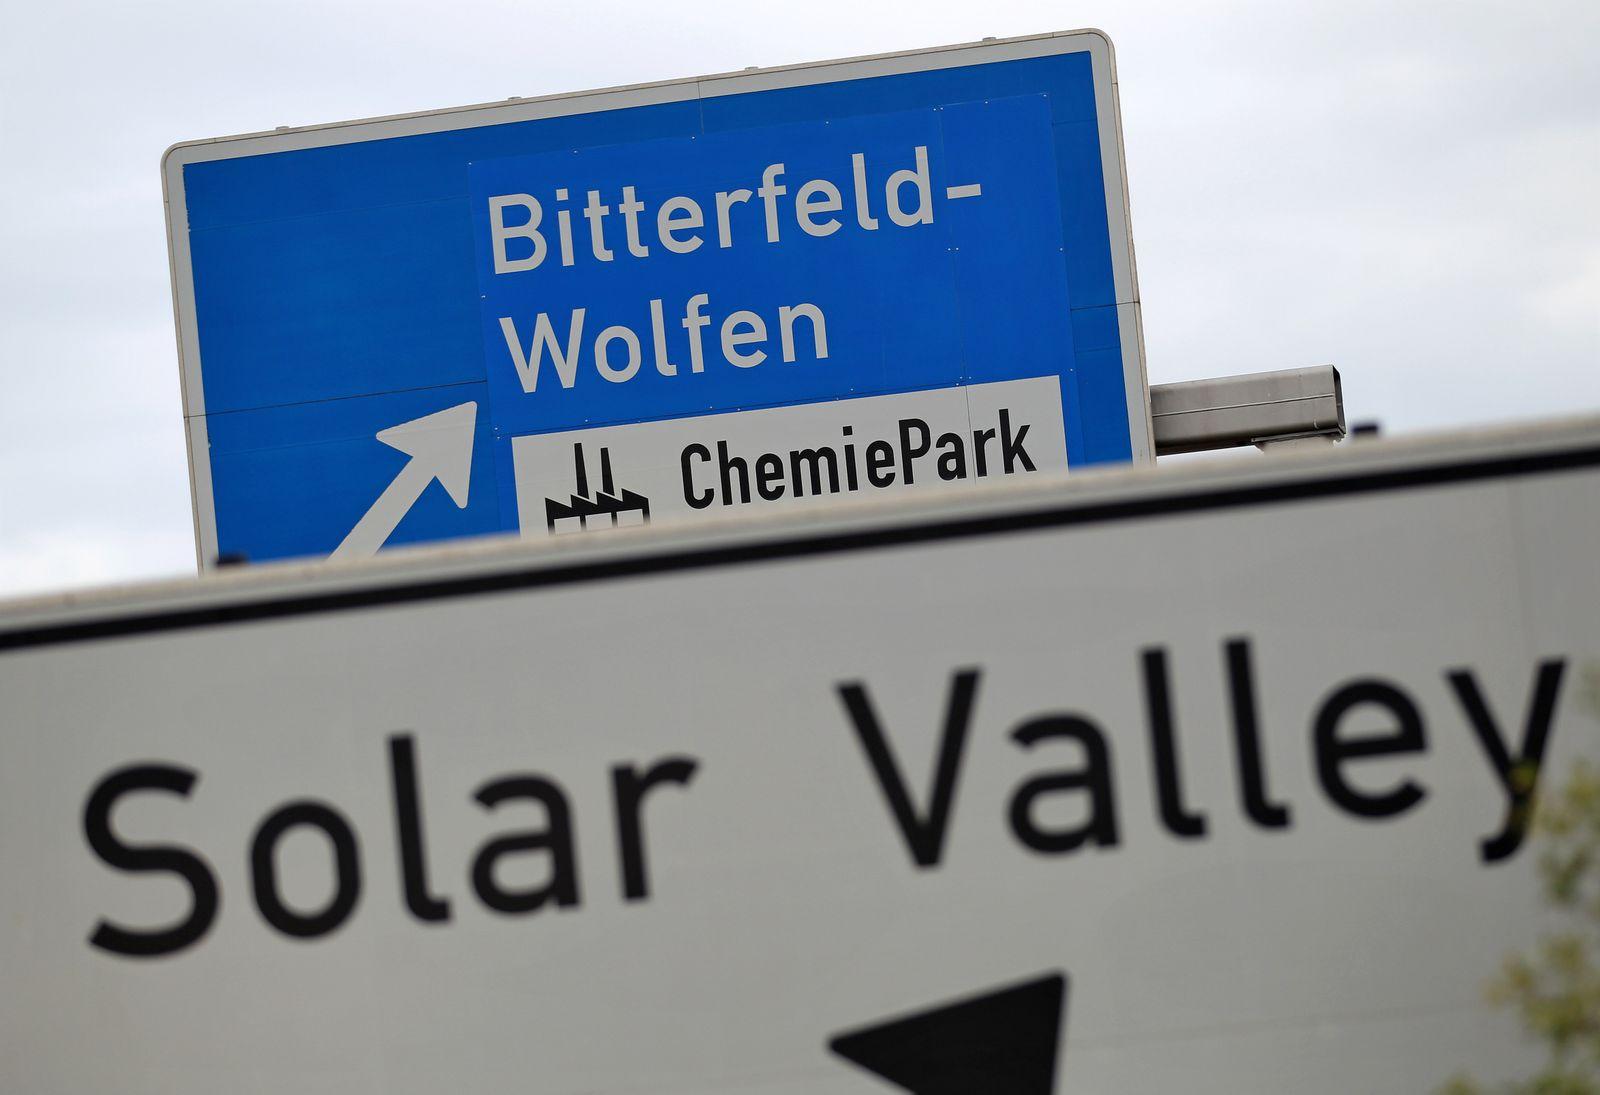 Industriegebiet Solar Valley in Bitterfeld-Wolfen